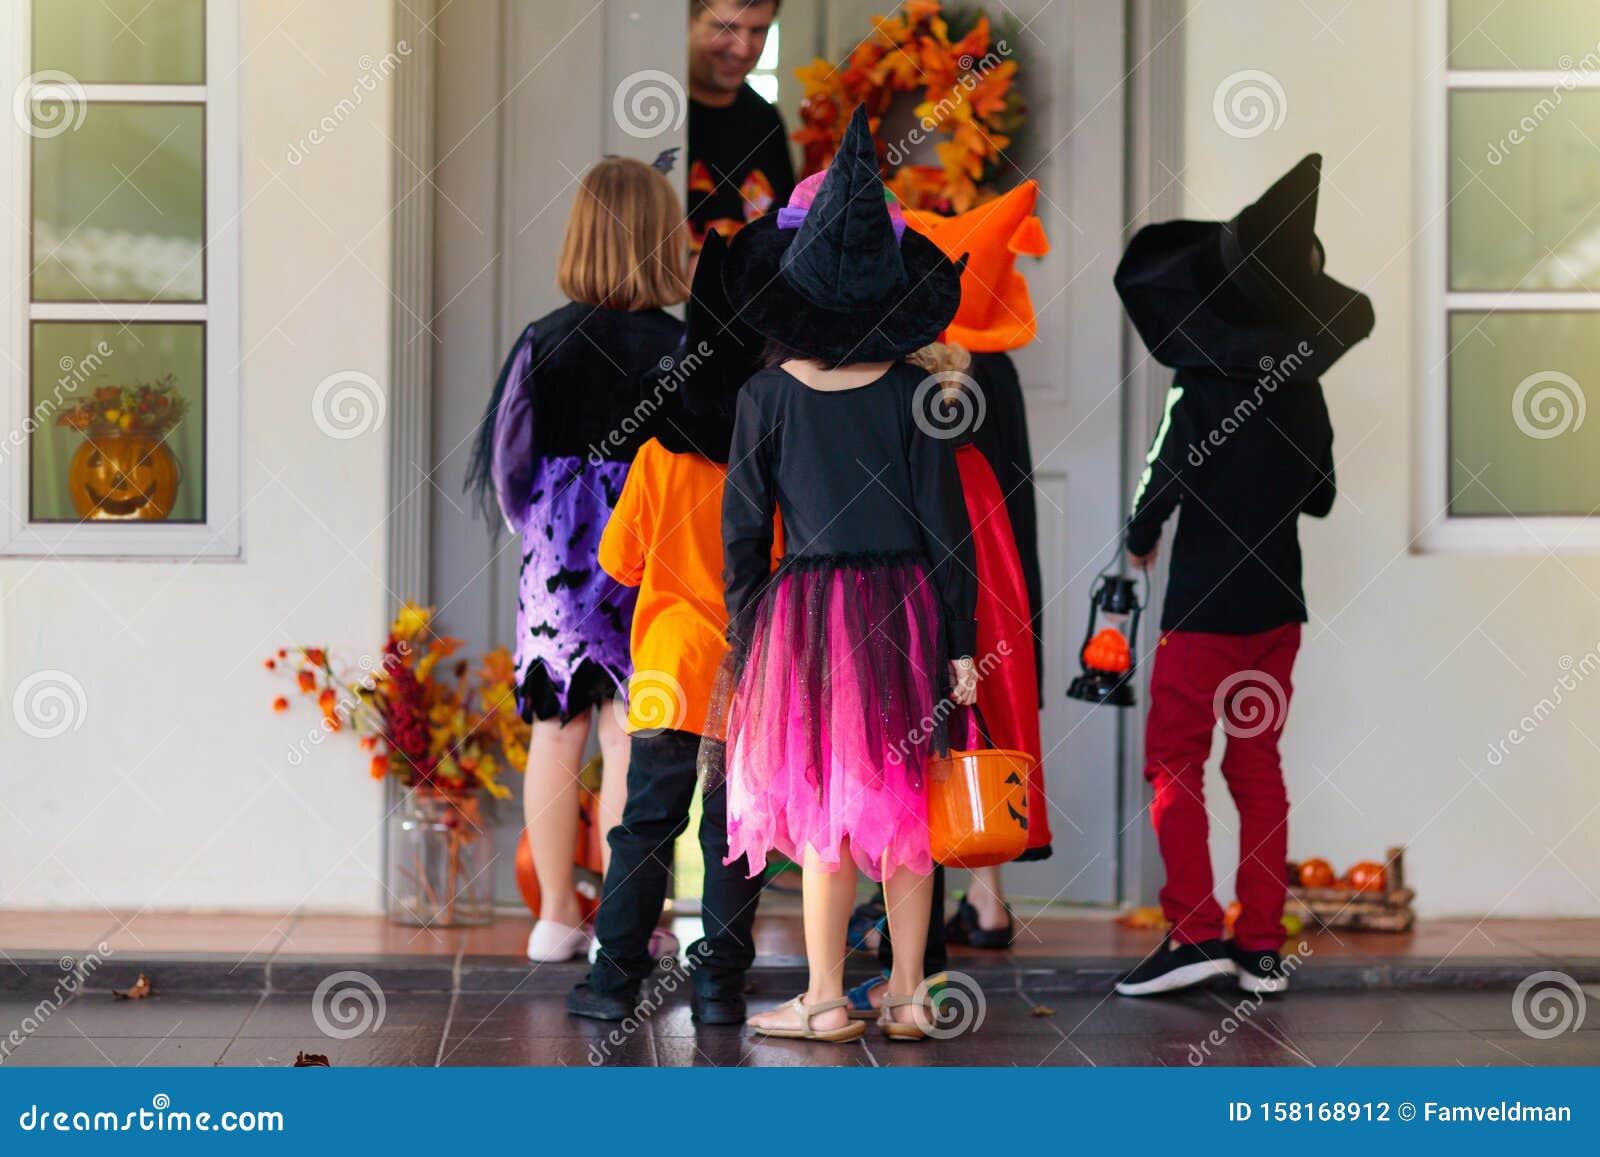 Kids Trick Treat Halloween Child At Door Stock